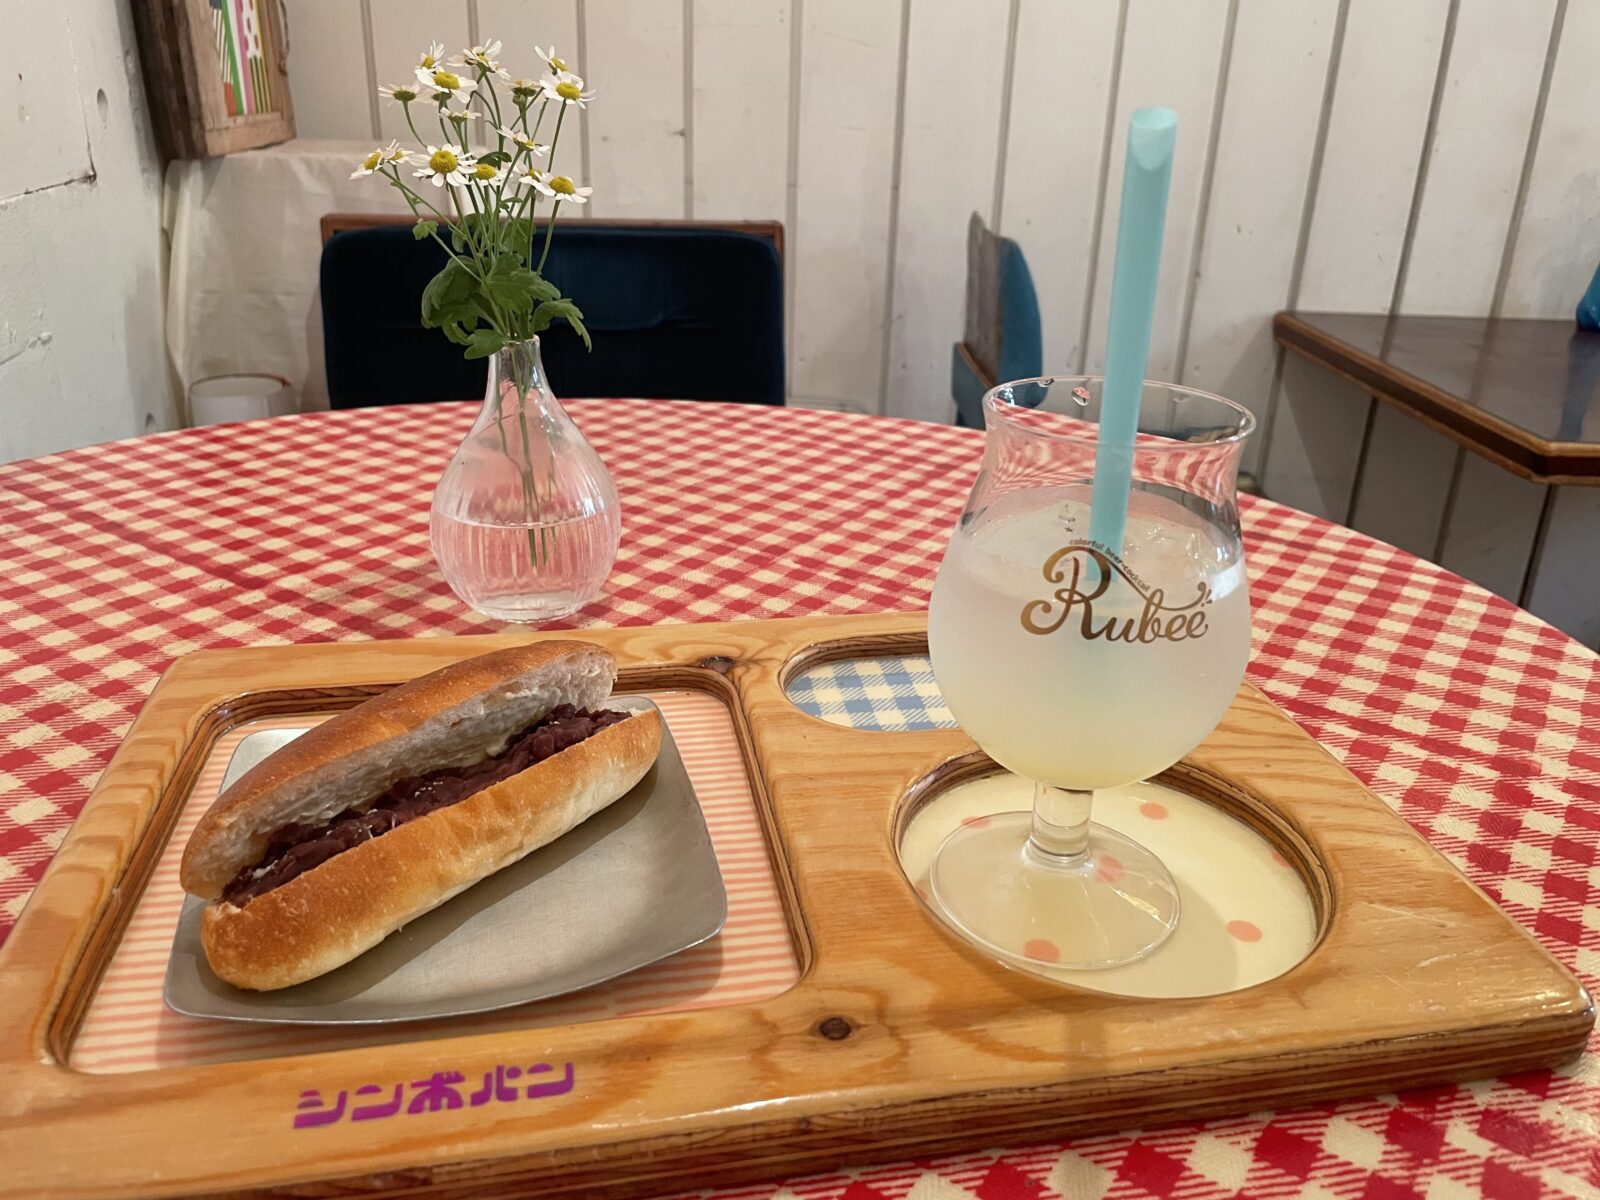 """【立川市】バインミーなど """"いつも""""に寄り添える、飽きのこないパン「シンボパン」"""